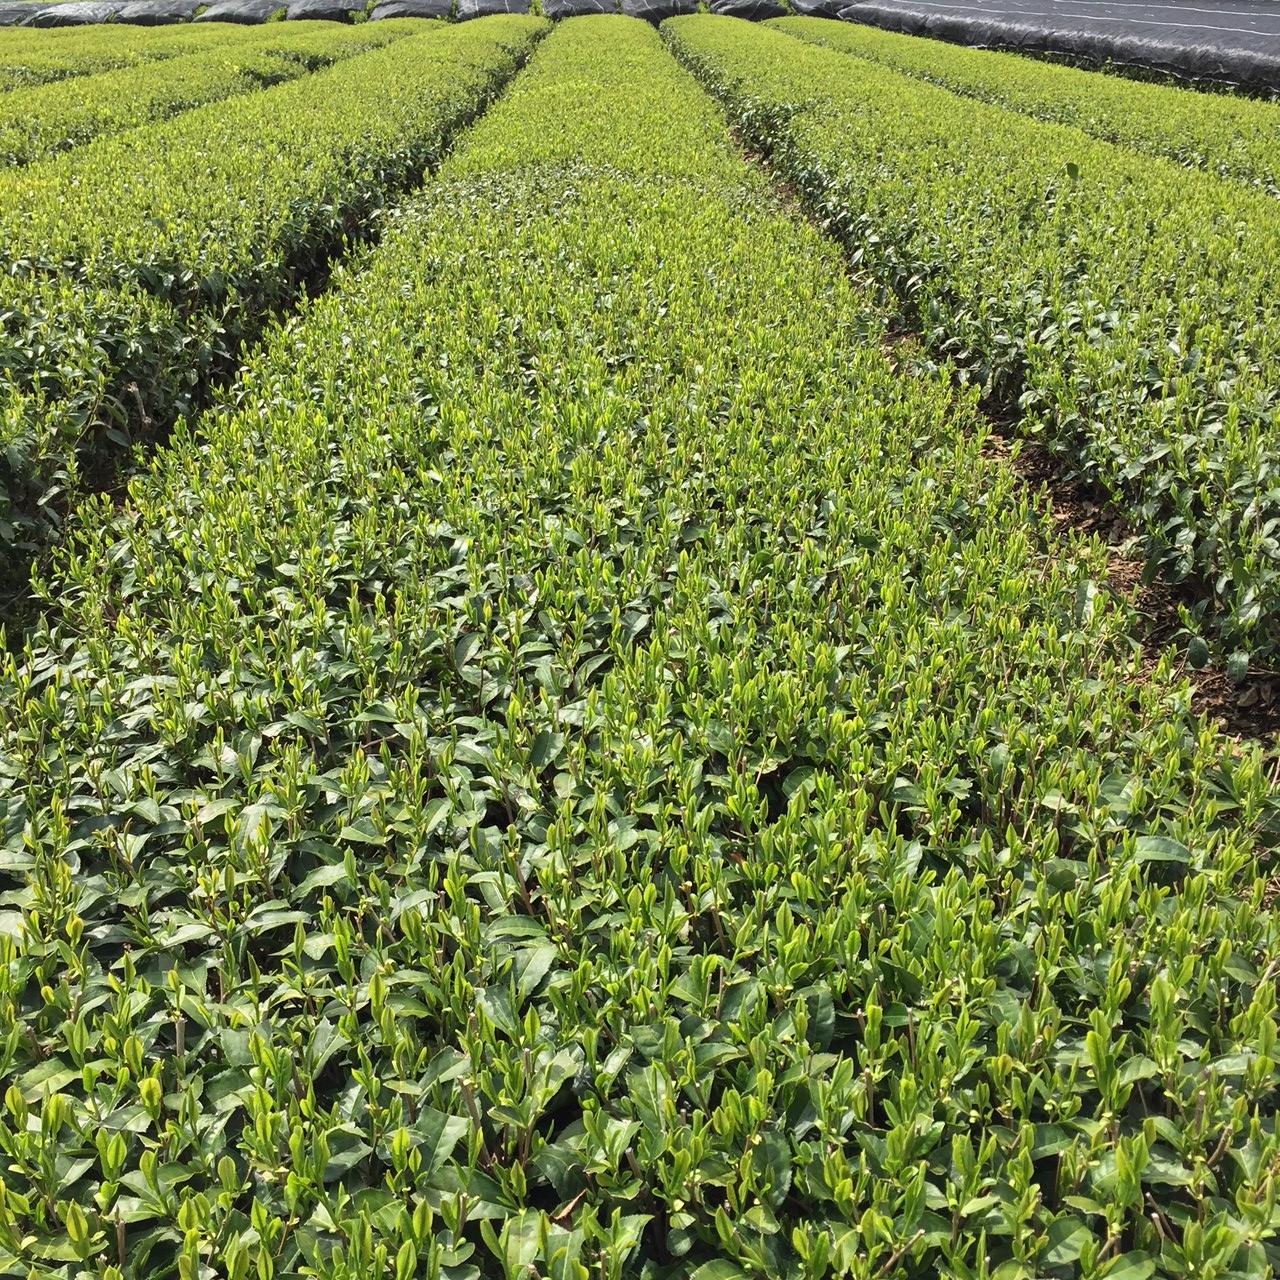 2017年4月18日かごしま緑茶の茶園風景です。品種はヤブキタです。小さな新芽成長中。